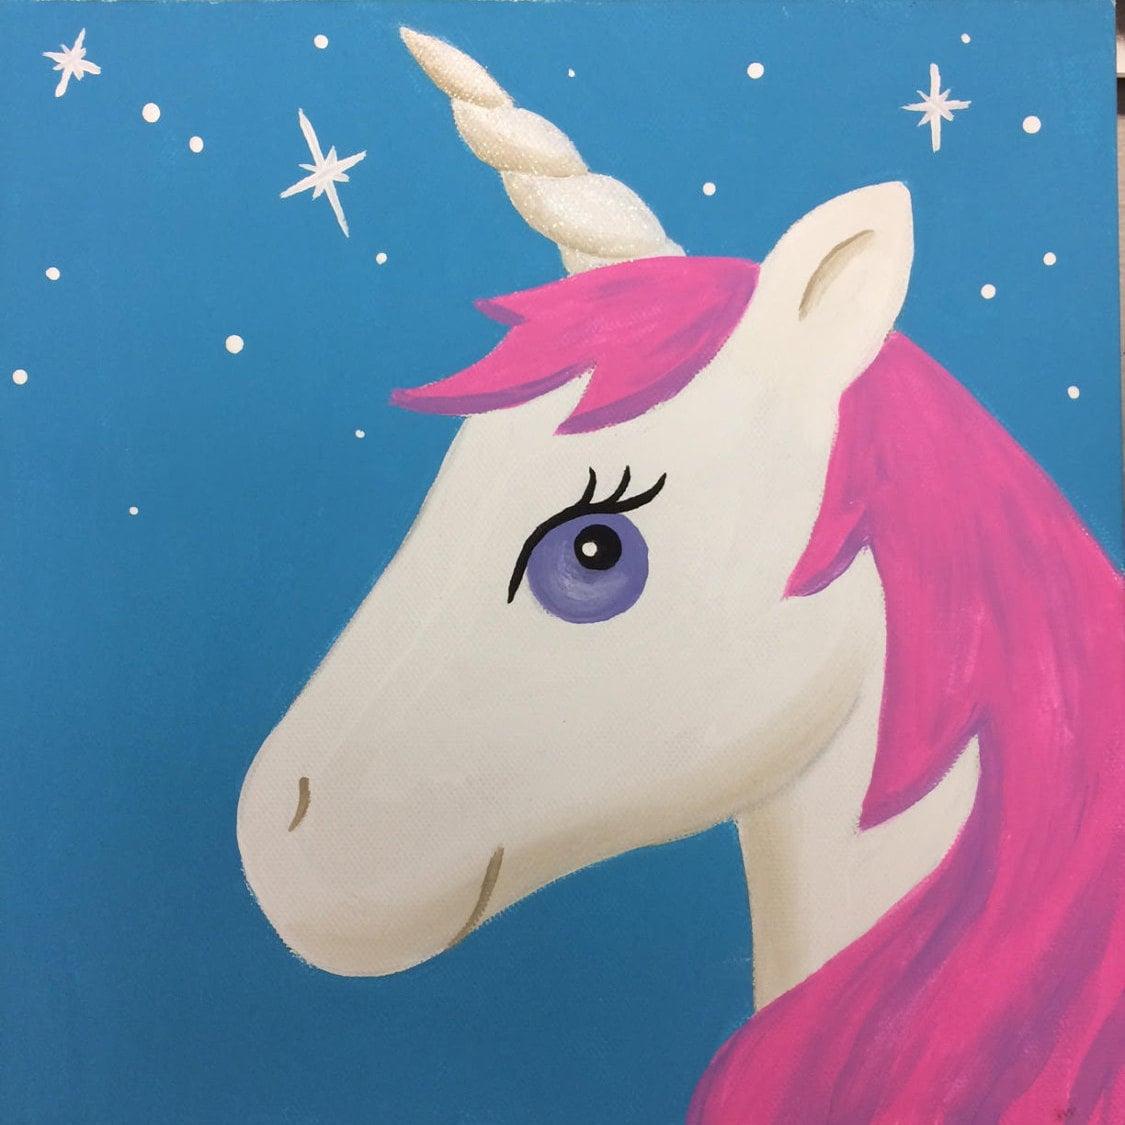 Best Seller Unicorn Paint Kit Diy Art Birthday Gift